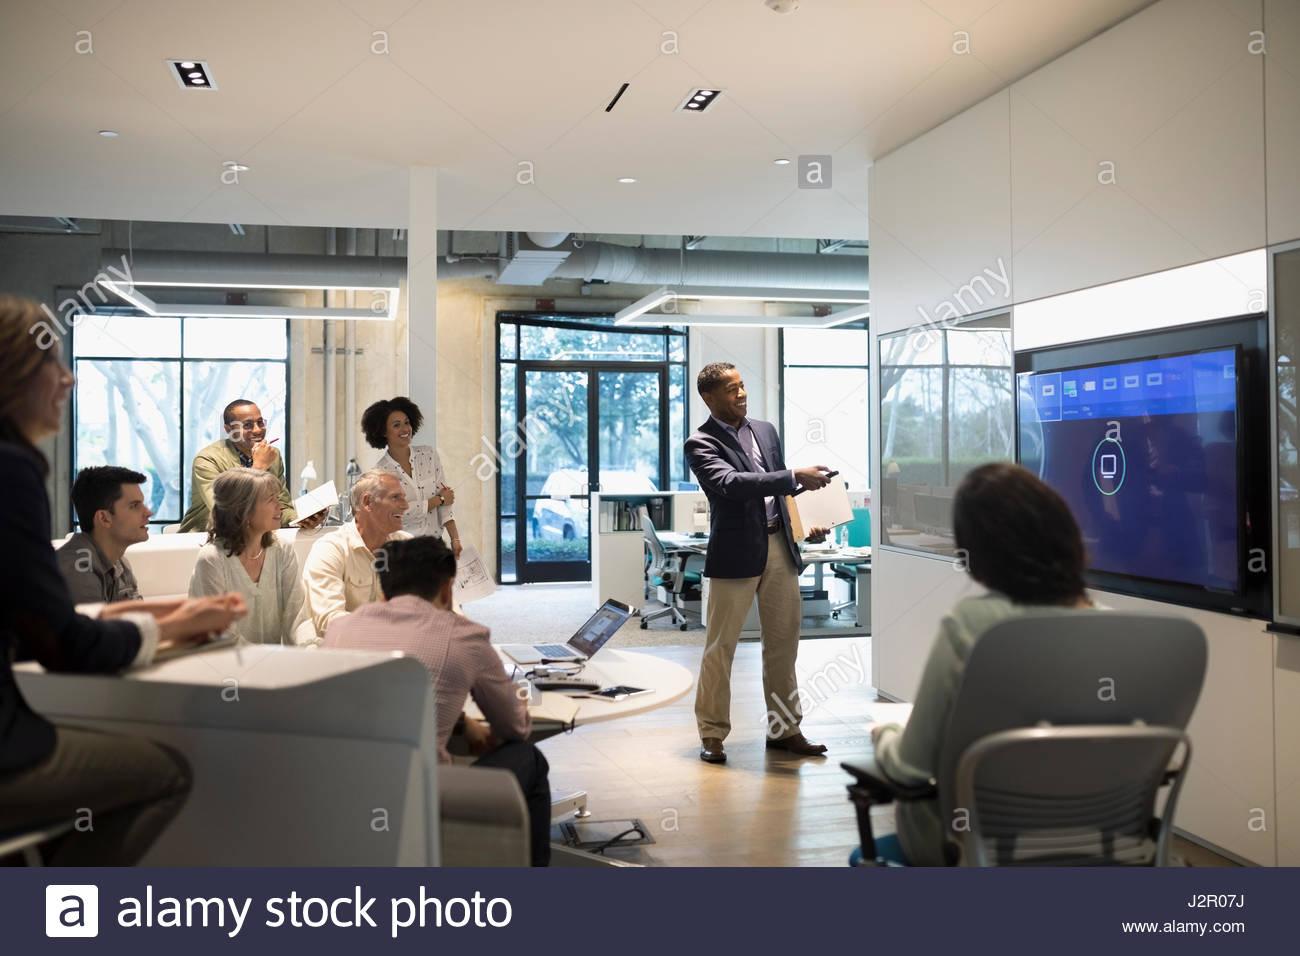 Imprenditore portando presentazione audio visiva nella sala conferenza incontro Immagini Stock